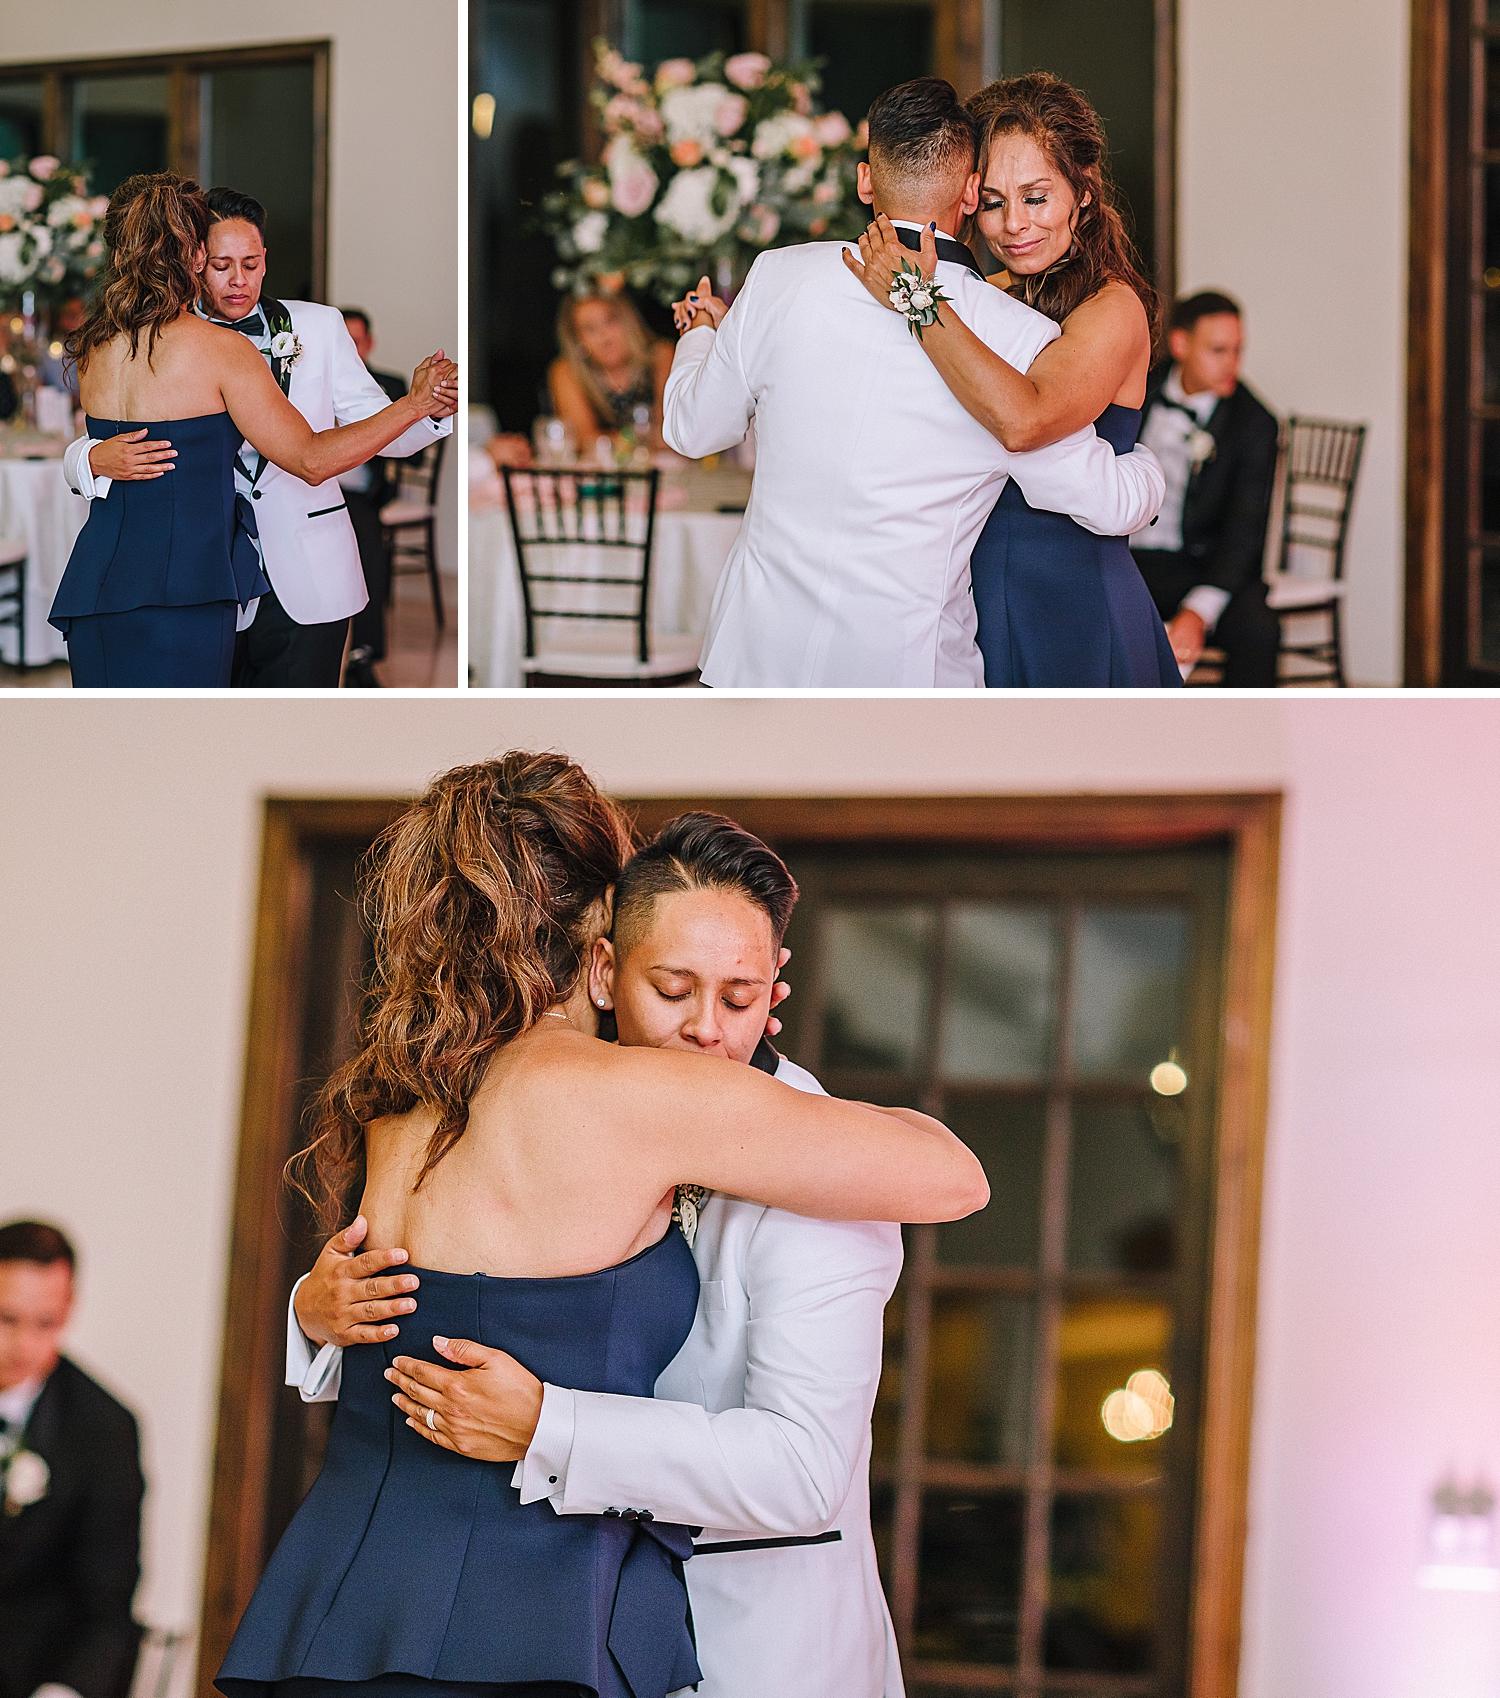 Carly-Barton-Photography-The-Villa-at-Cielo-Vista-Blush-Gold-White-Wedding-Photos_0016.jpg